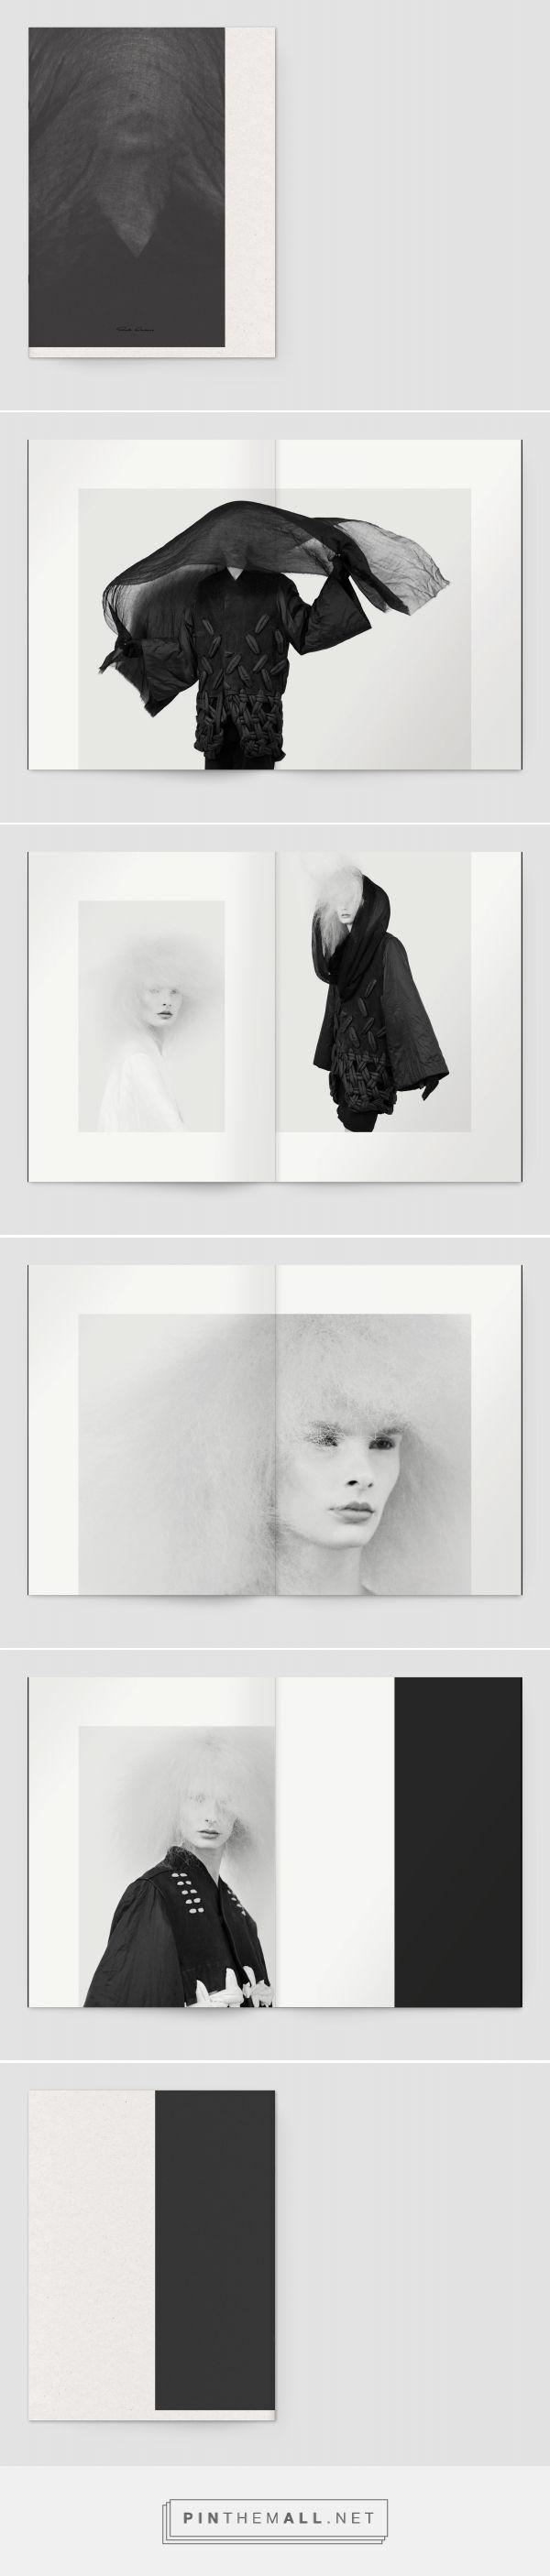 Notter + Vigne - F/W13 Plinth women